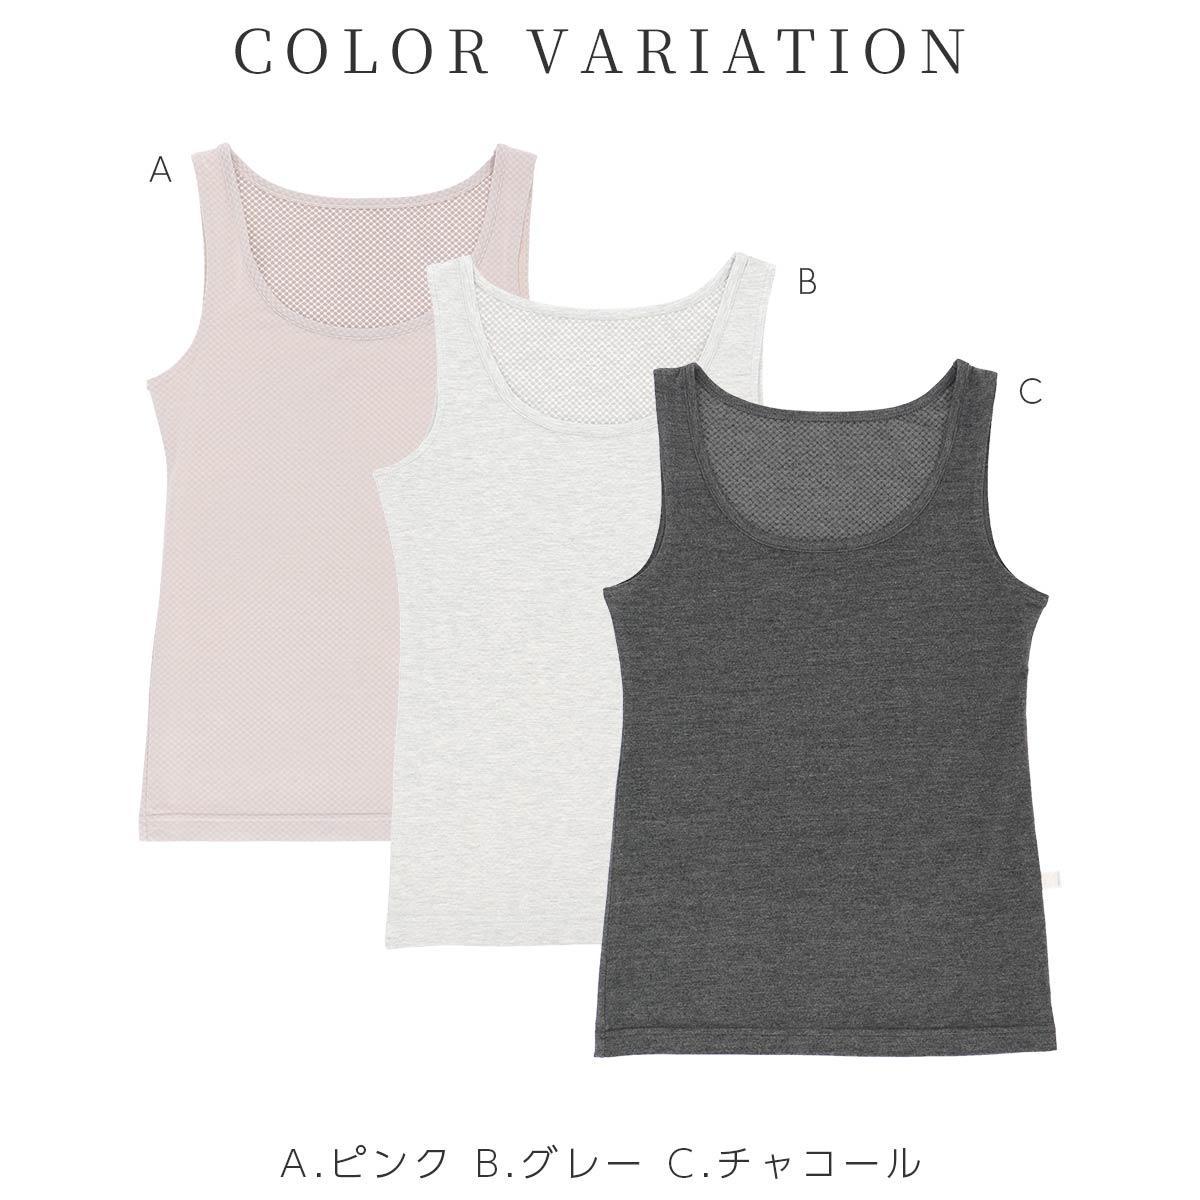 整 トトノ TOTONO TERAX CARETECT (テラックス ケアテクト) 一般医療機器 むくみ 冷え 疲れに タンクトップ レディース 女性 婦人 インナー 03915007